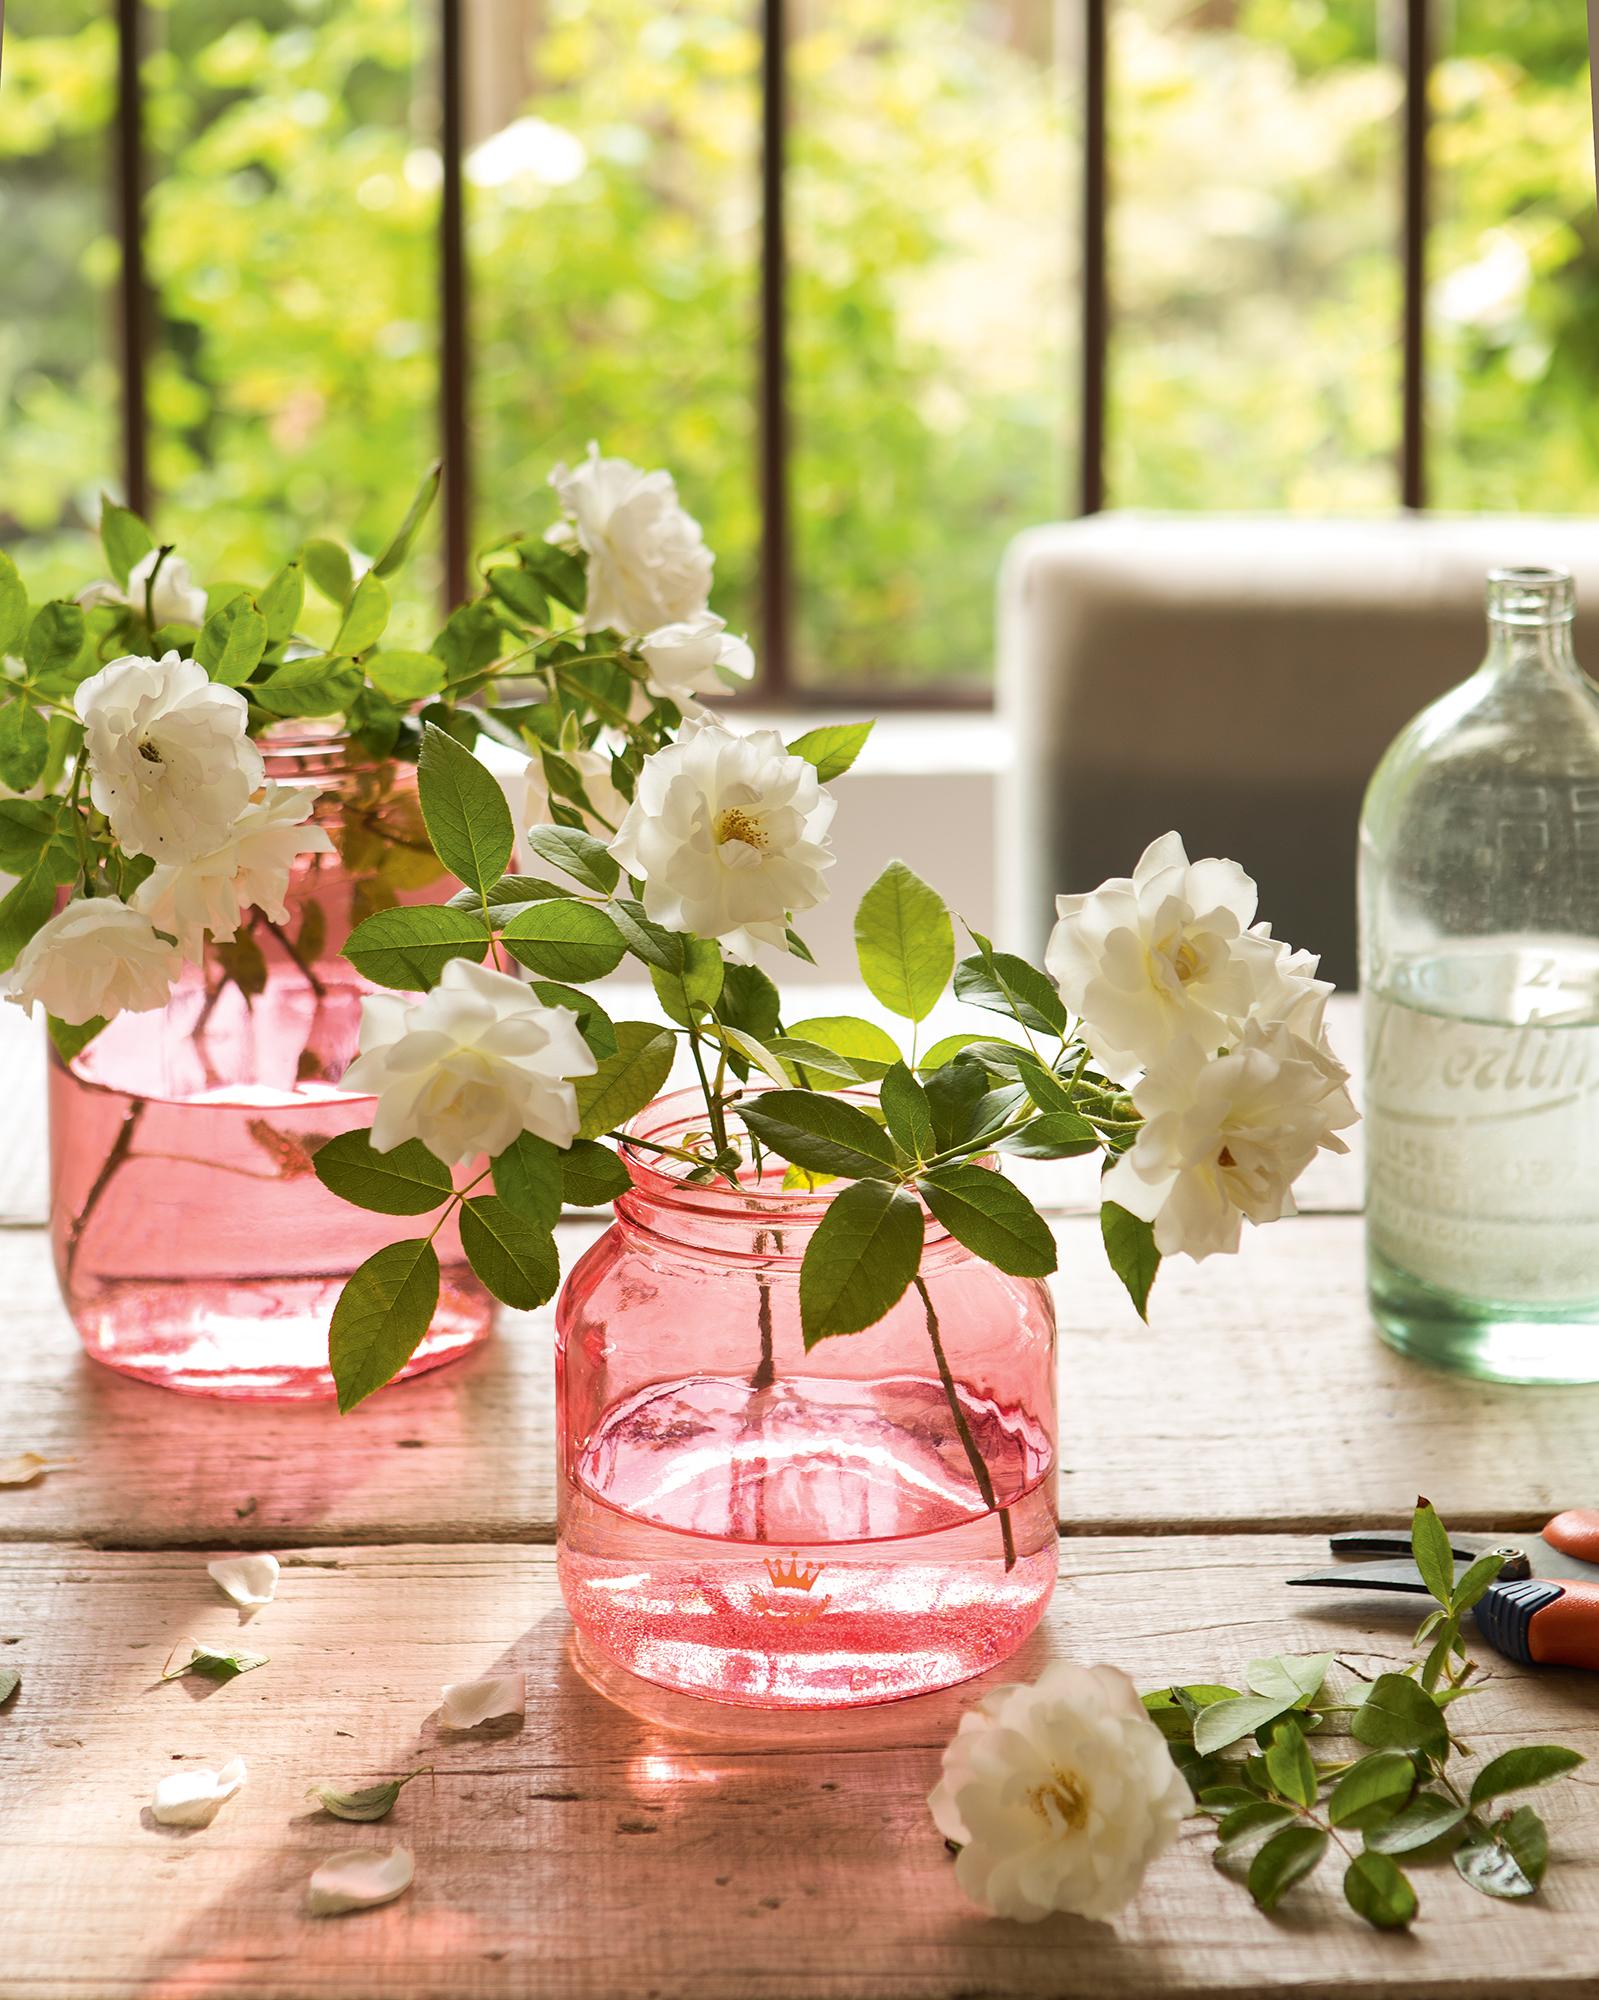 Detalle de dos jarrones de cristal de color rosa_ 00409379b